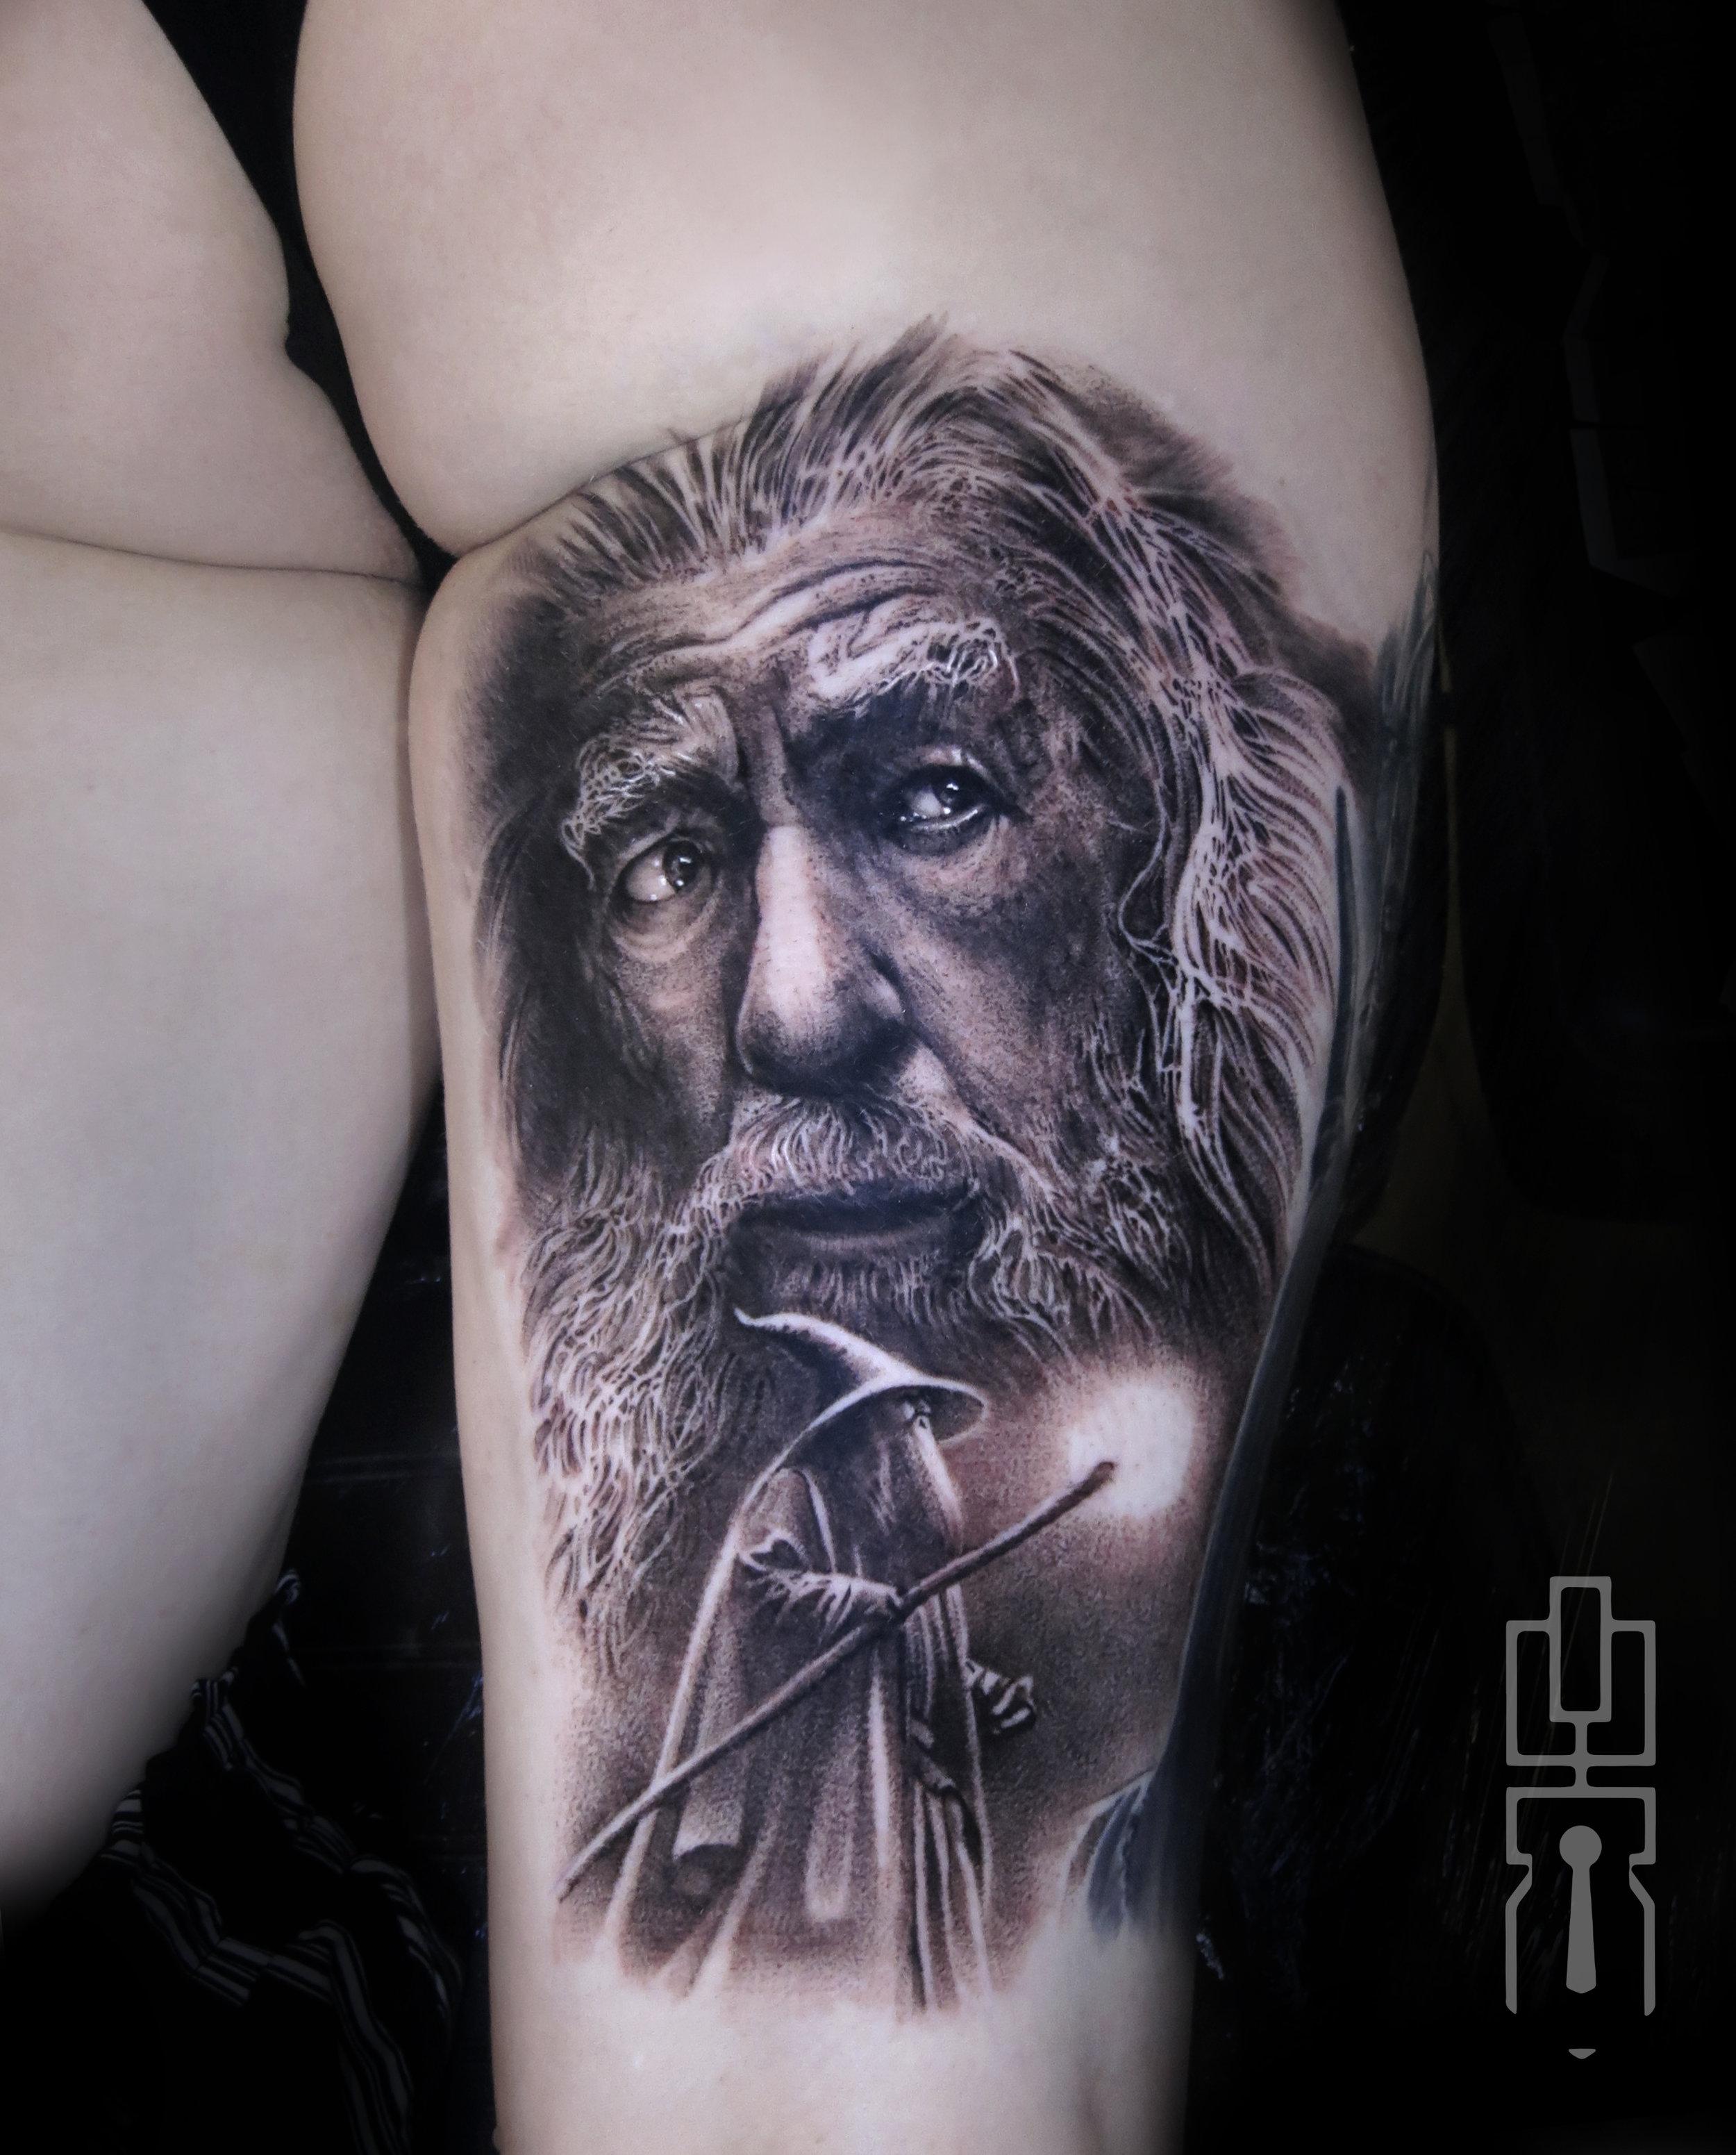 gandolf lotr tattoo 2.jpg